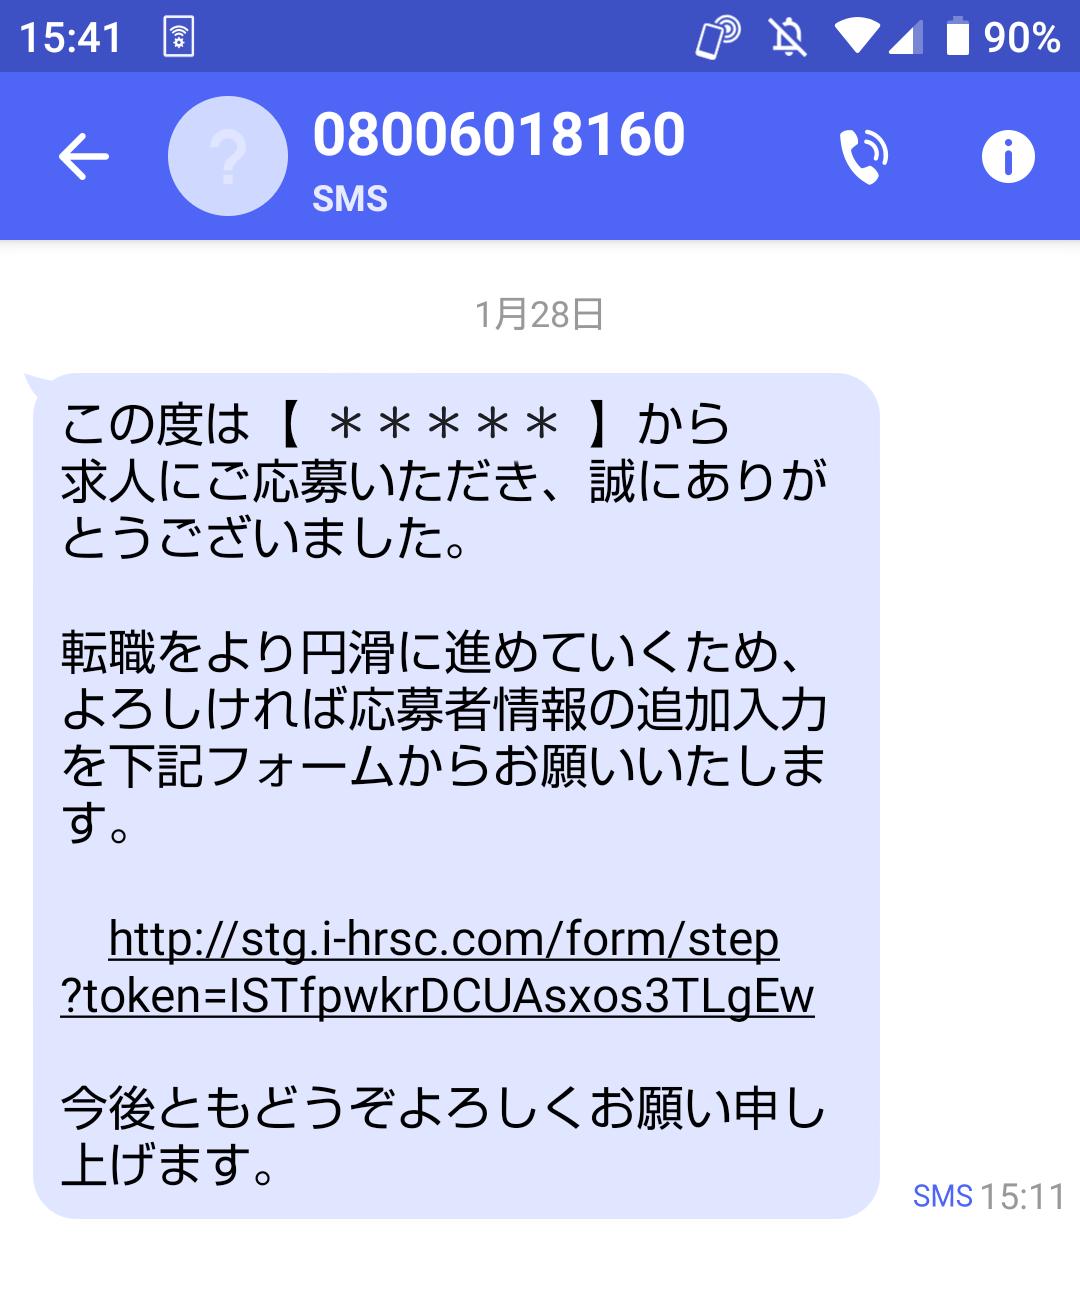 08006018160からショートメールのスクリーンショット